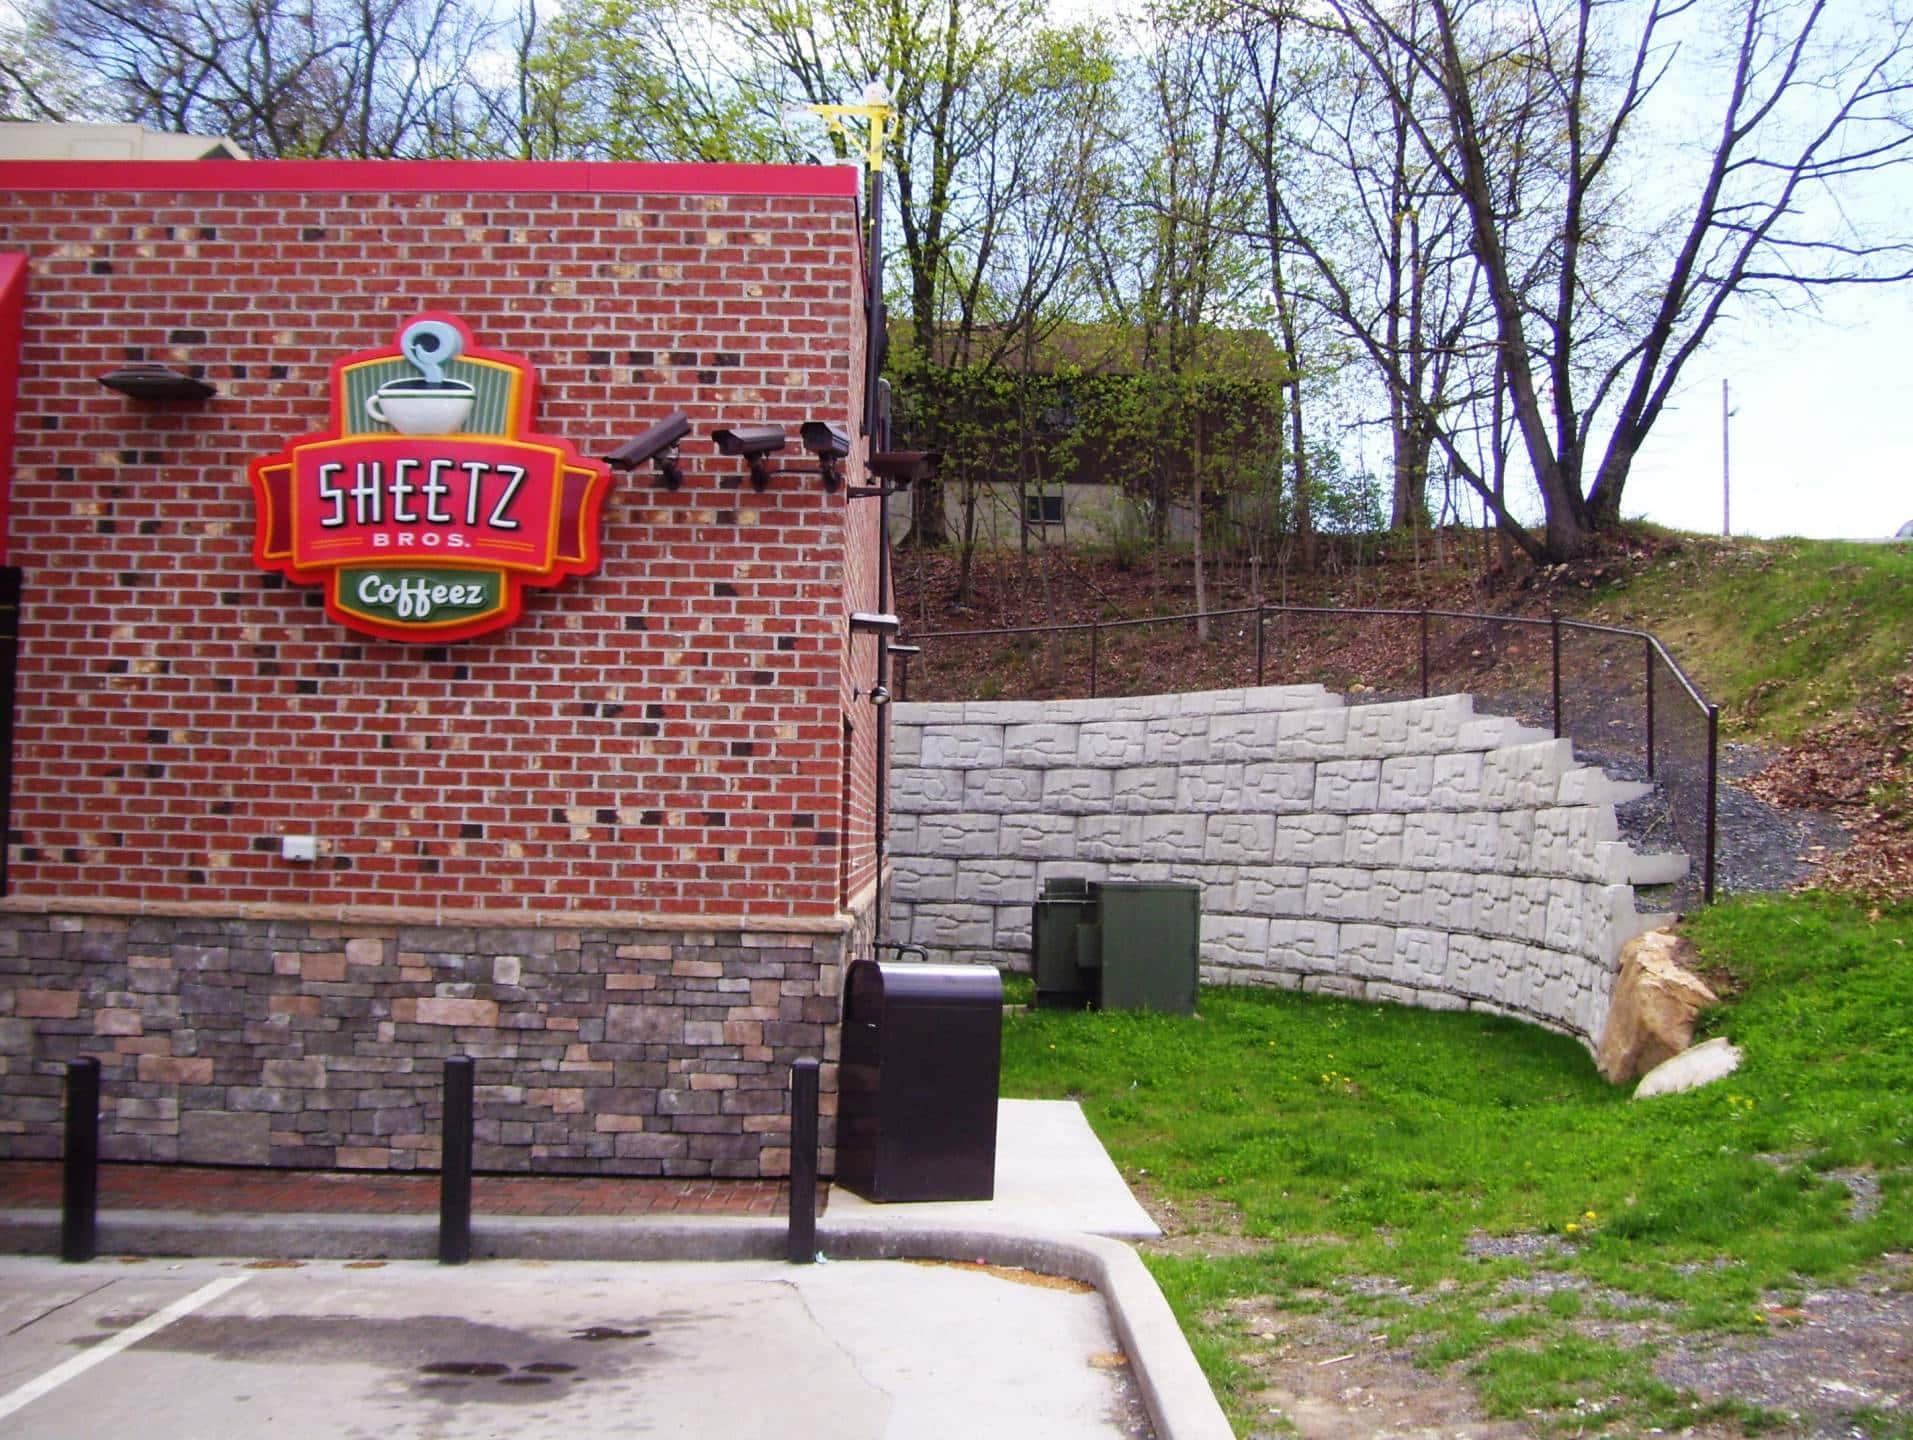 sheetz-convenience-store